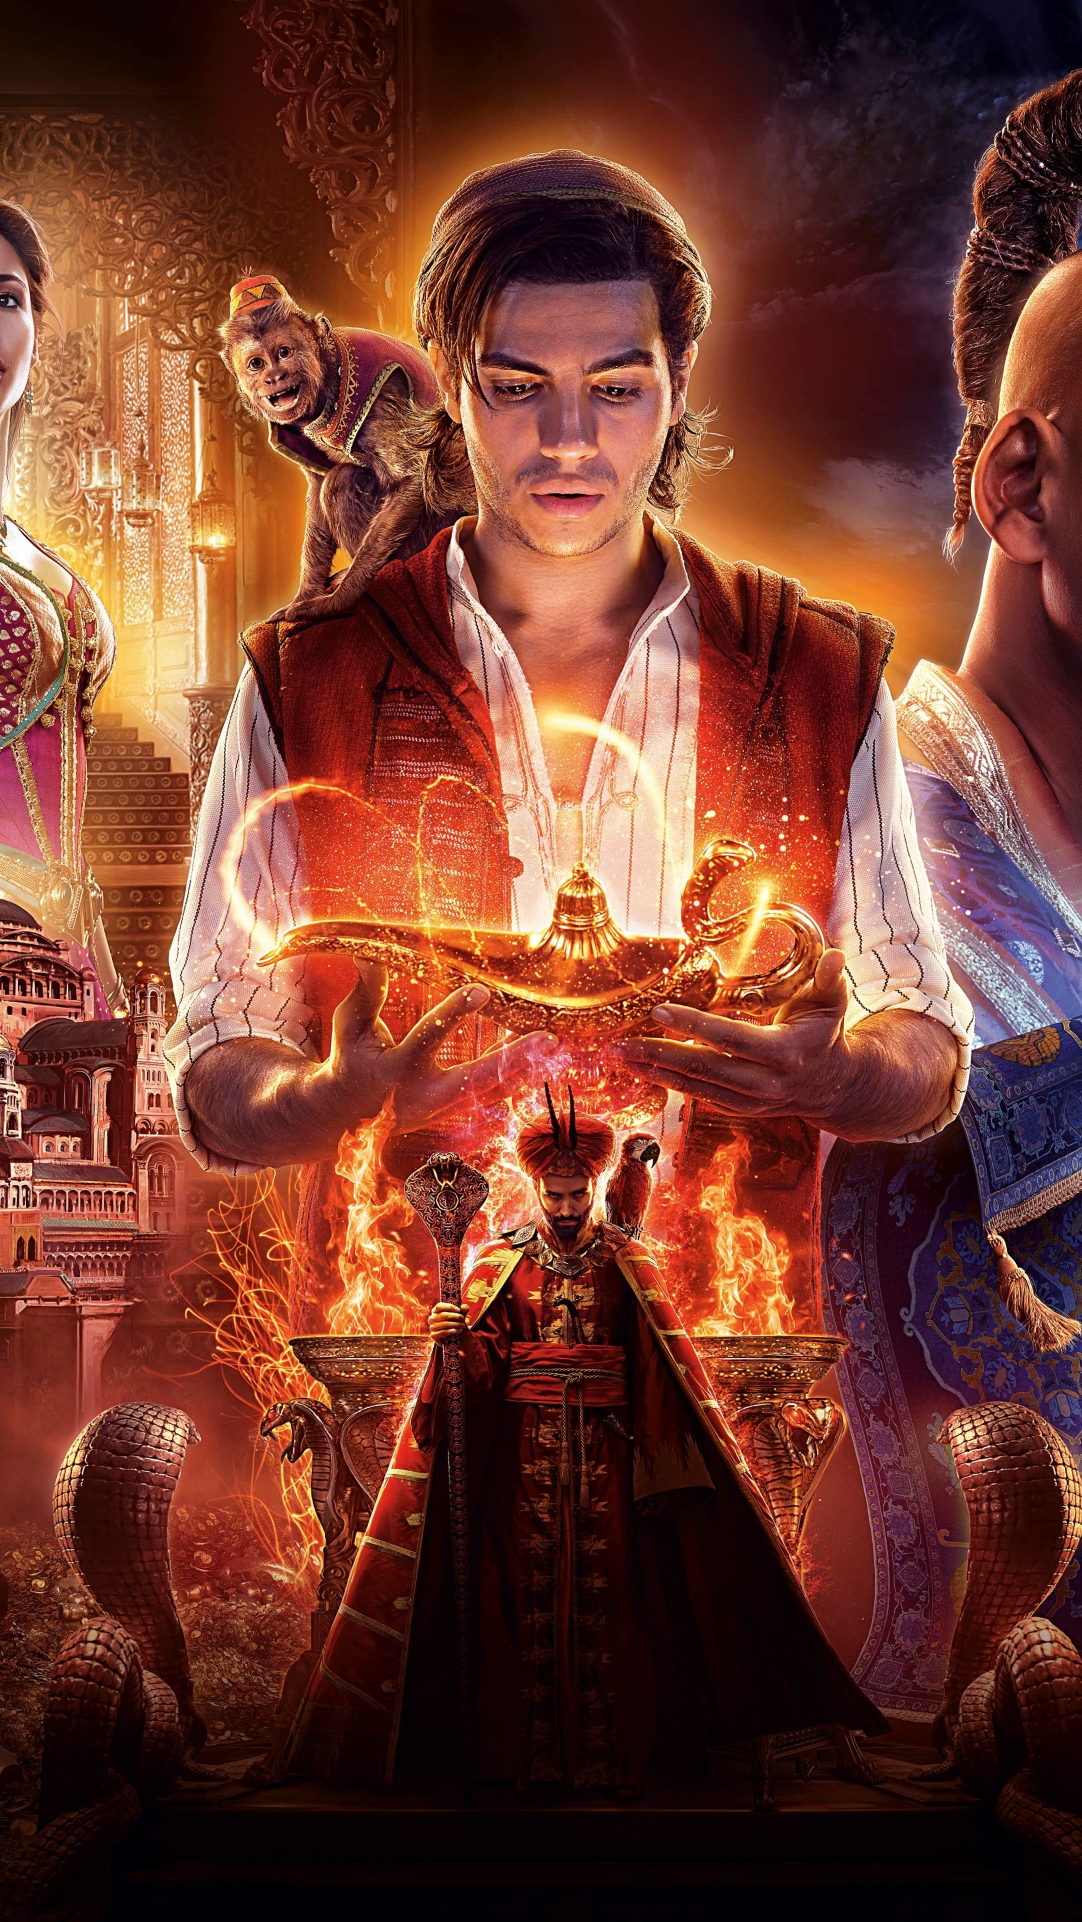 alladin movie free download